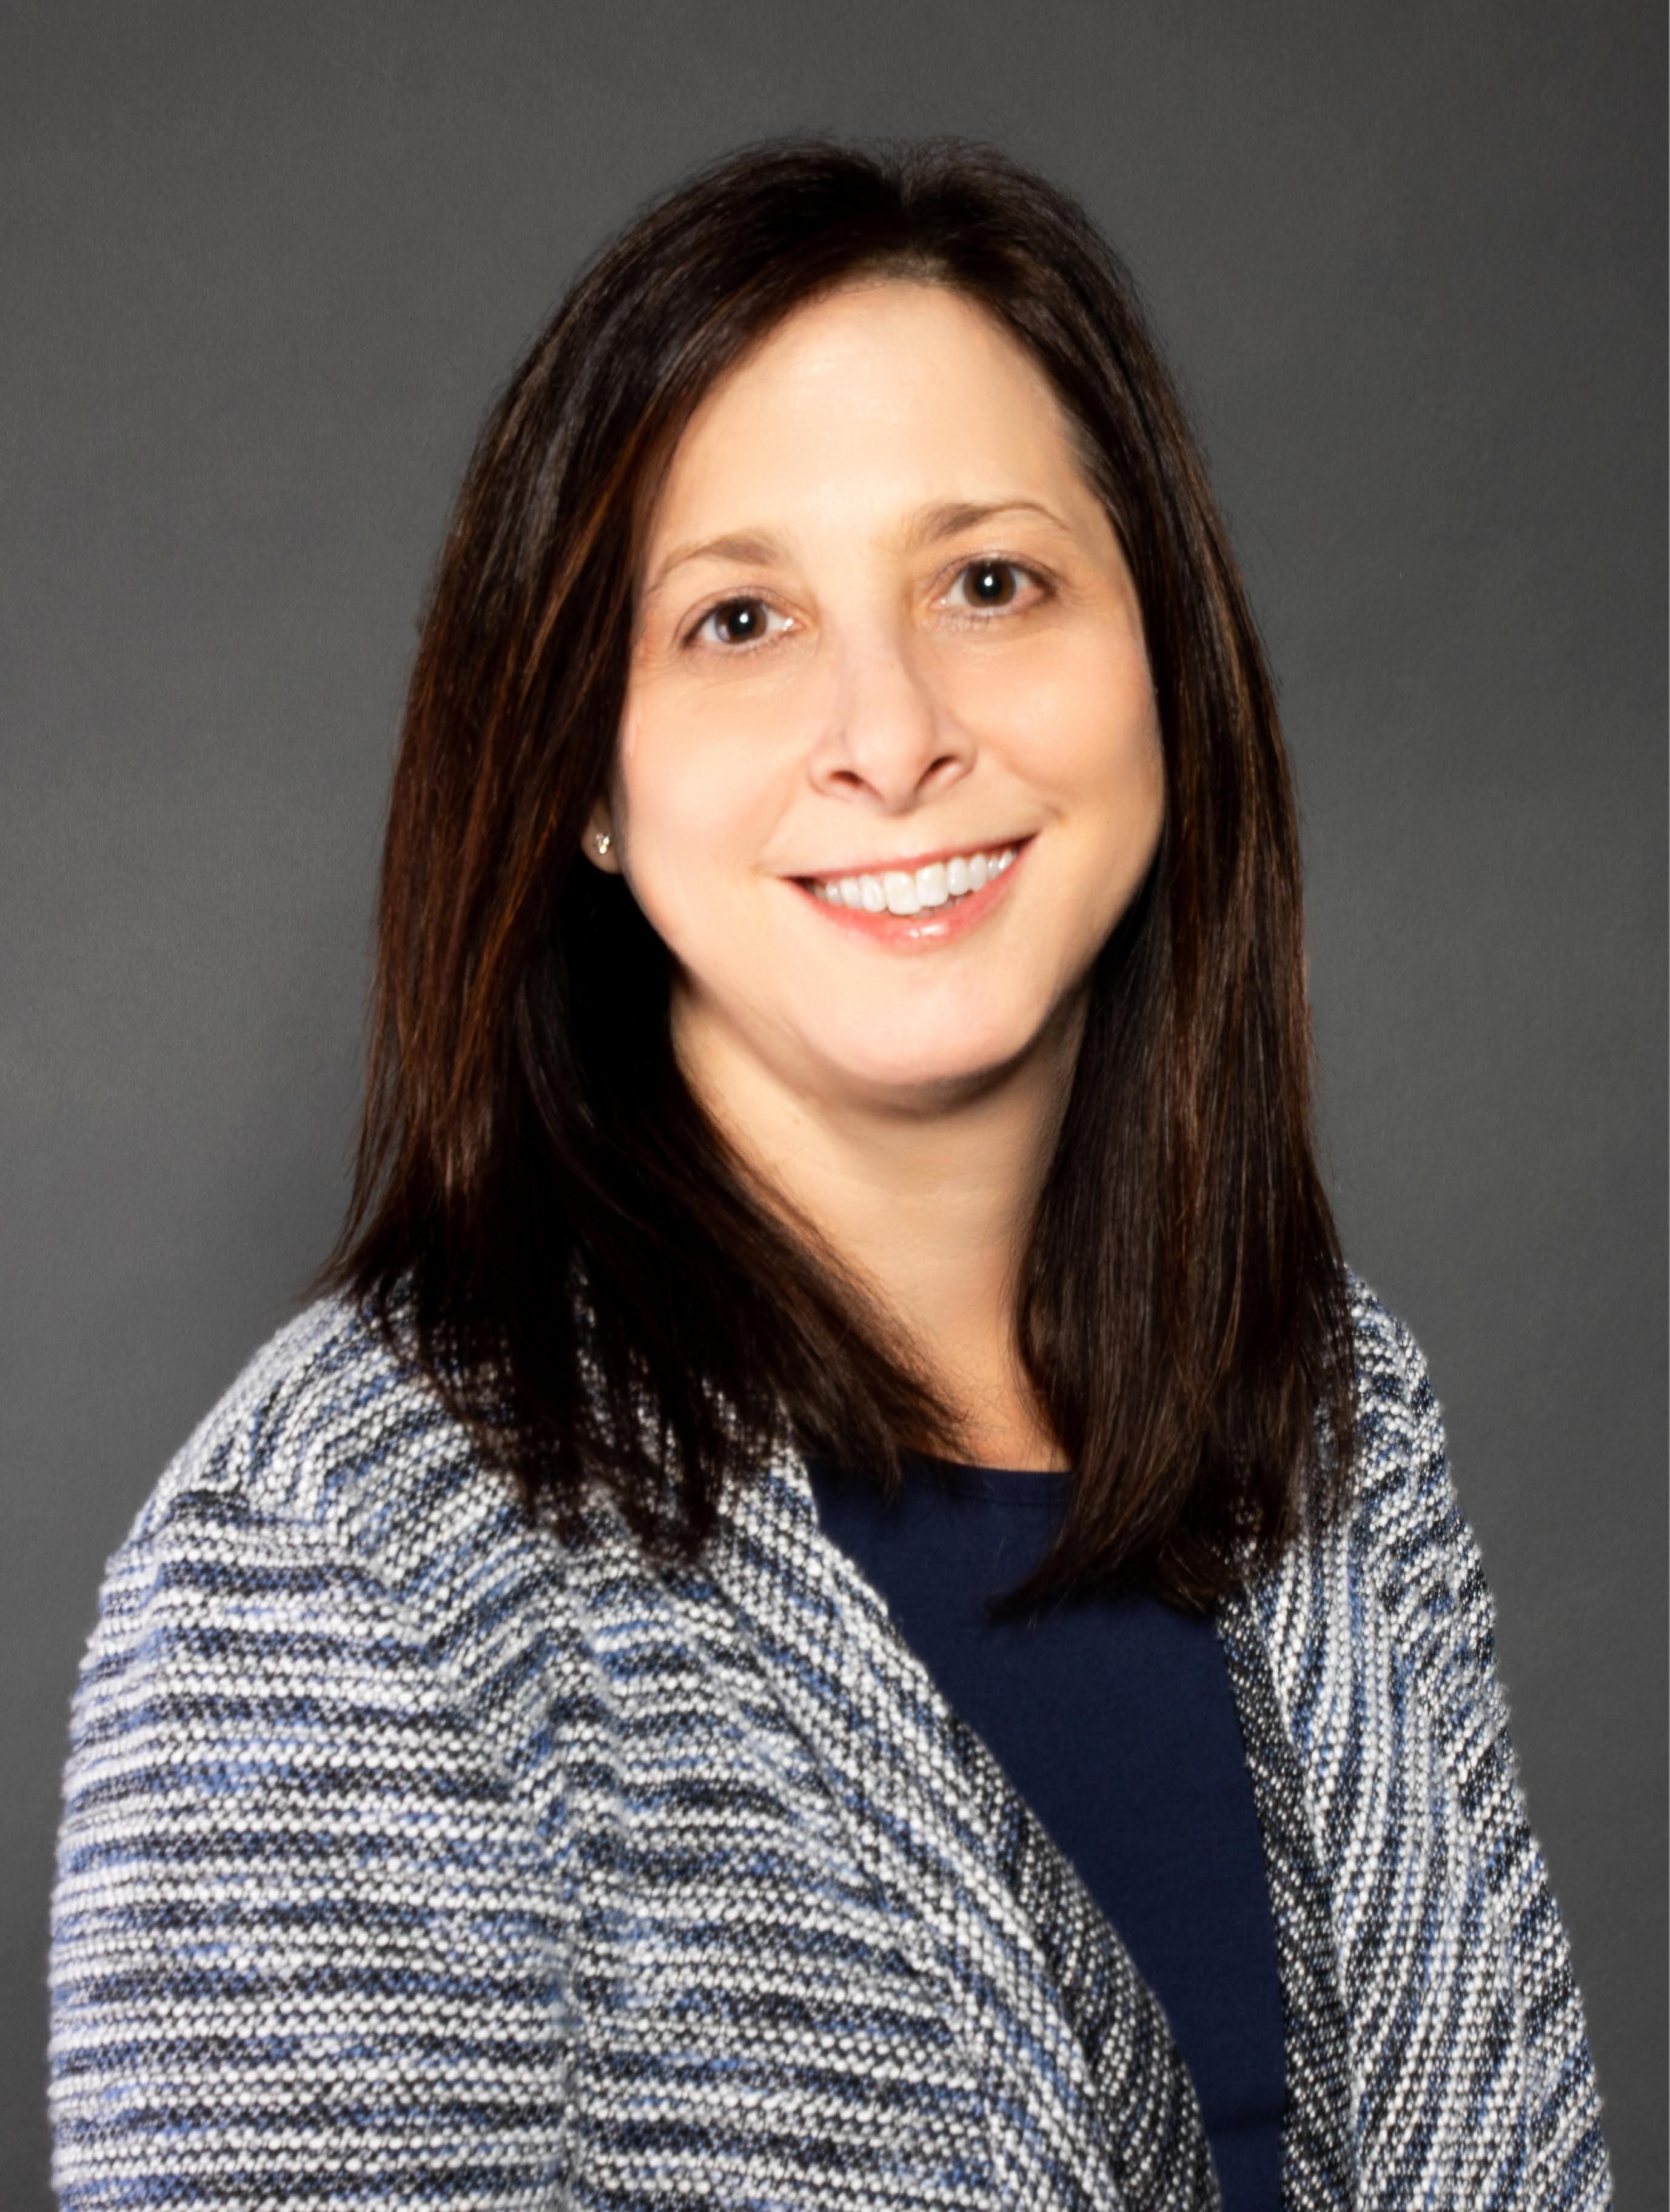 Joanne Carman, PhD